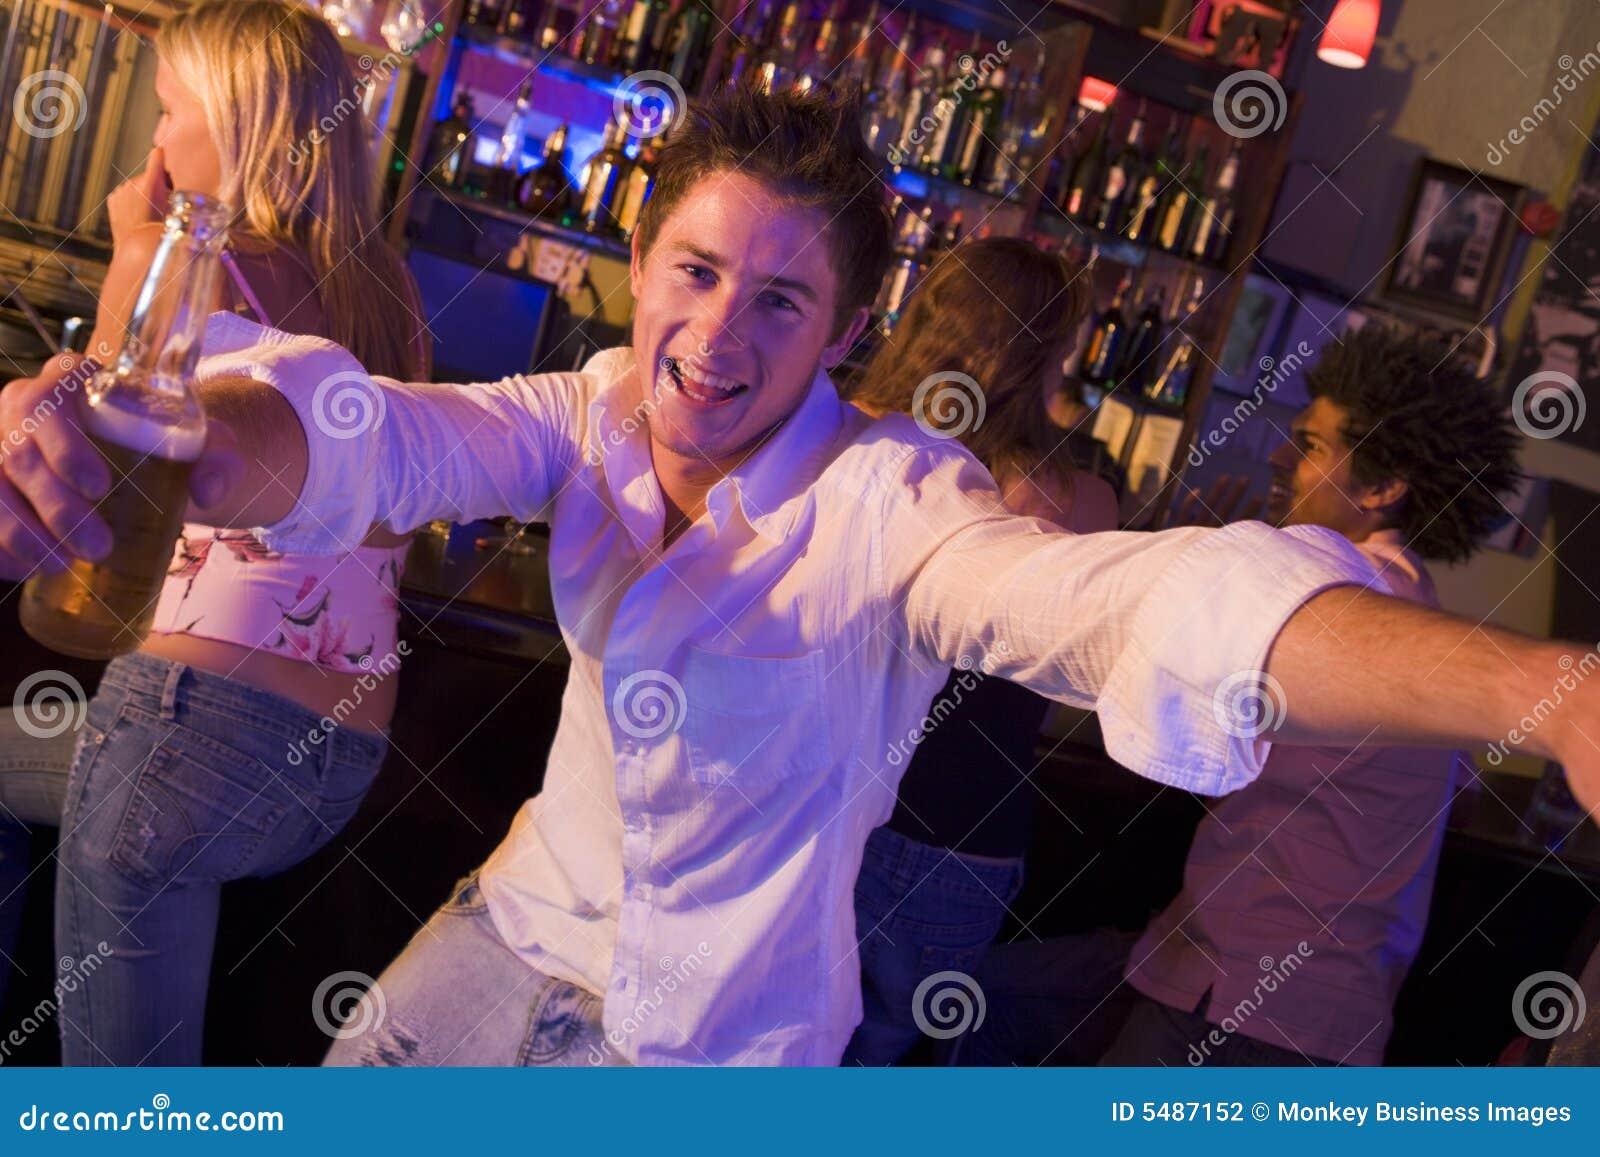 Снял девушку в баре 14 фотография